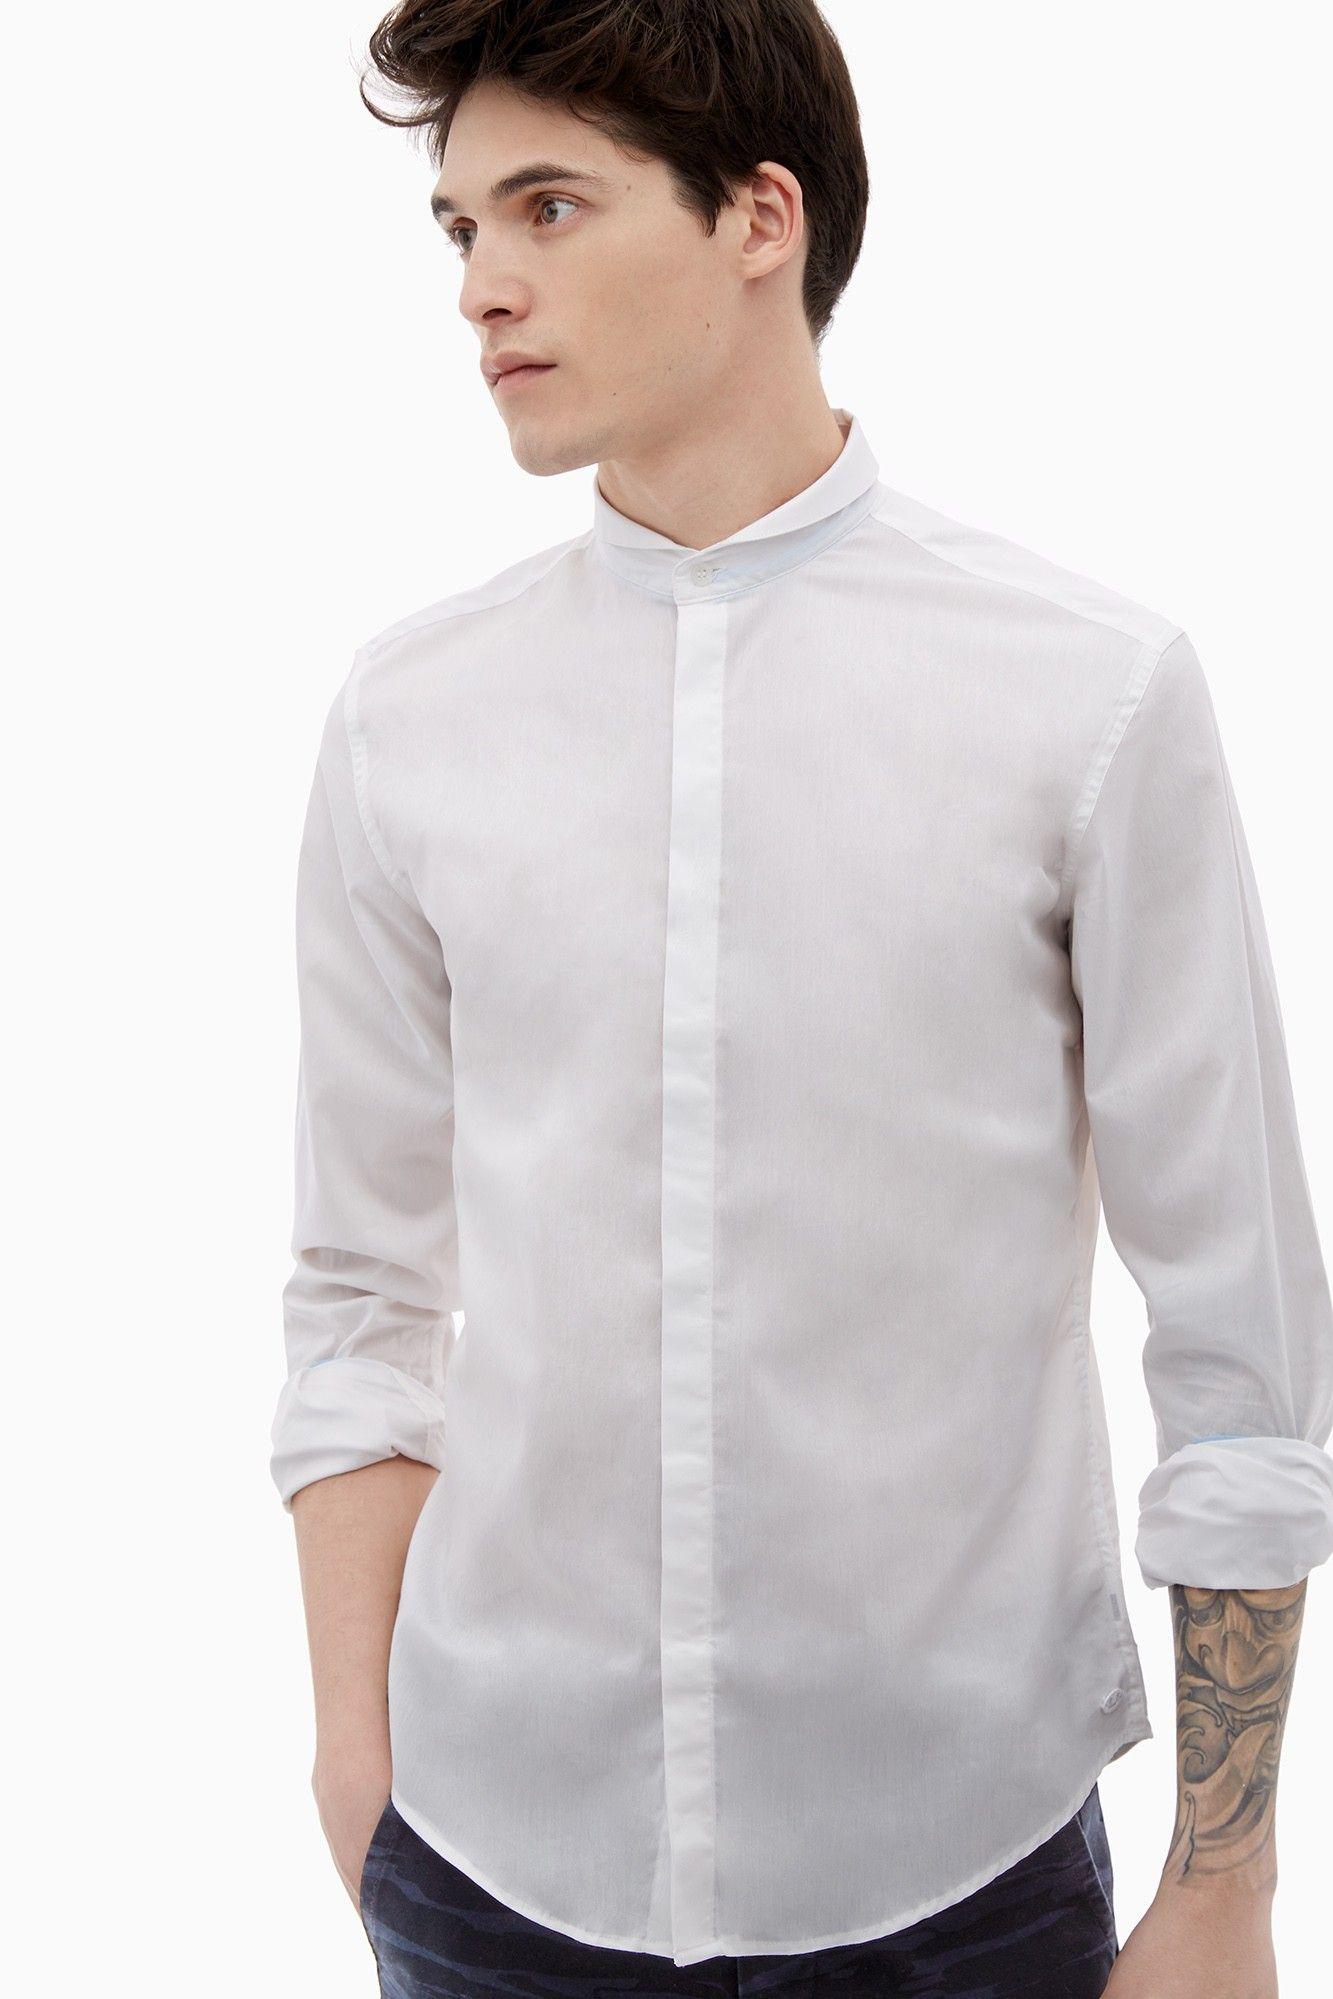 Camisa u boat con cuello mao adolfo dominguez shop for Adolfo dominguez outlet online